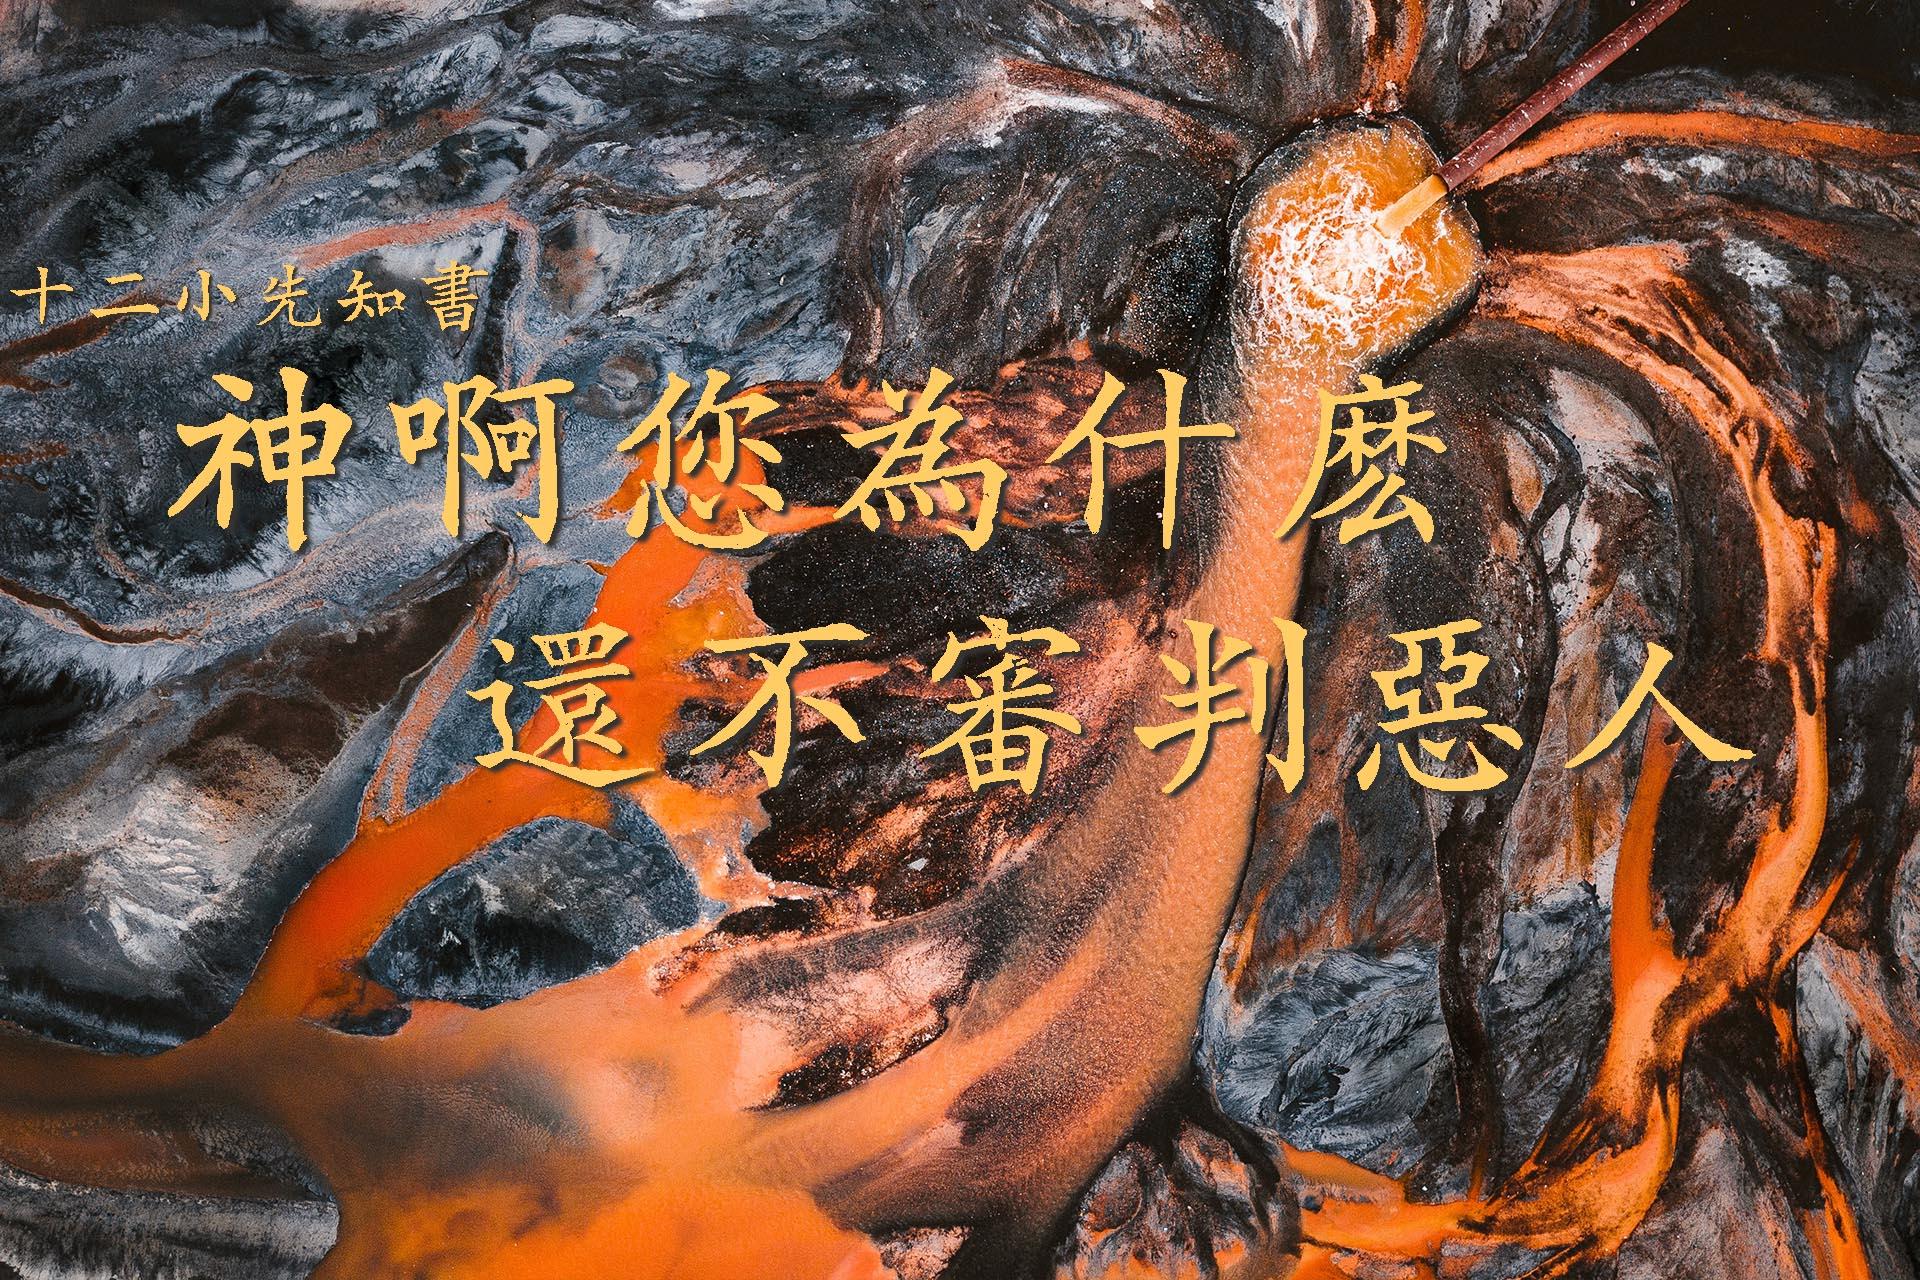 [聖經]十二小先知書(三):神啊您為什麼還不審判惡人